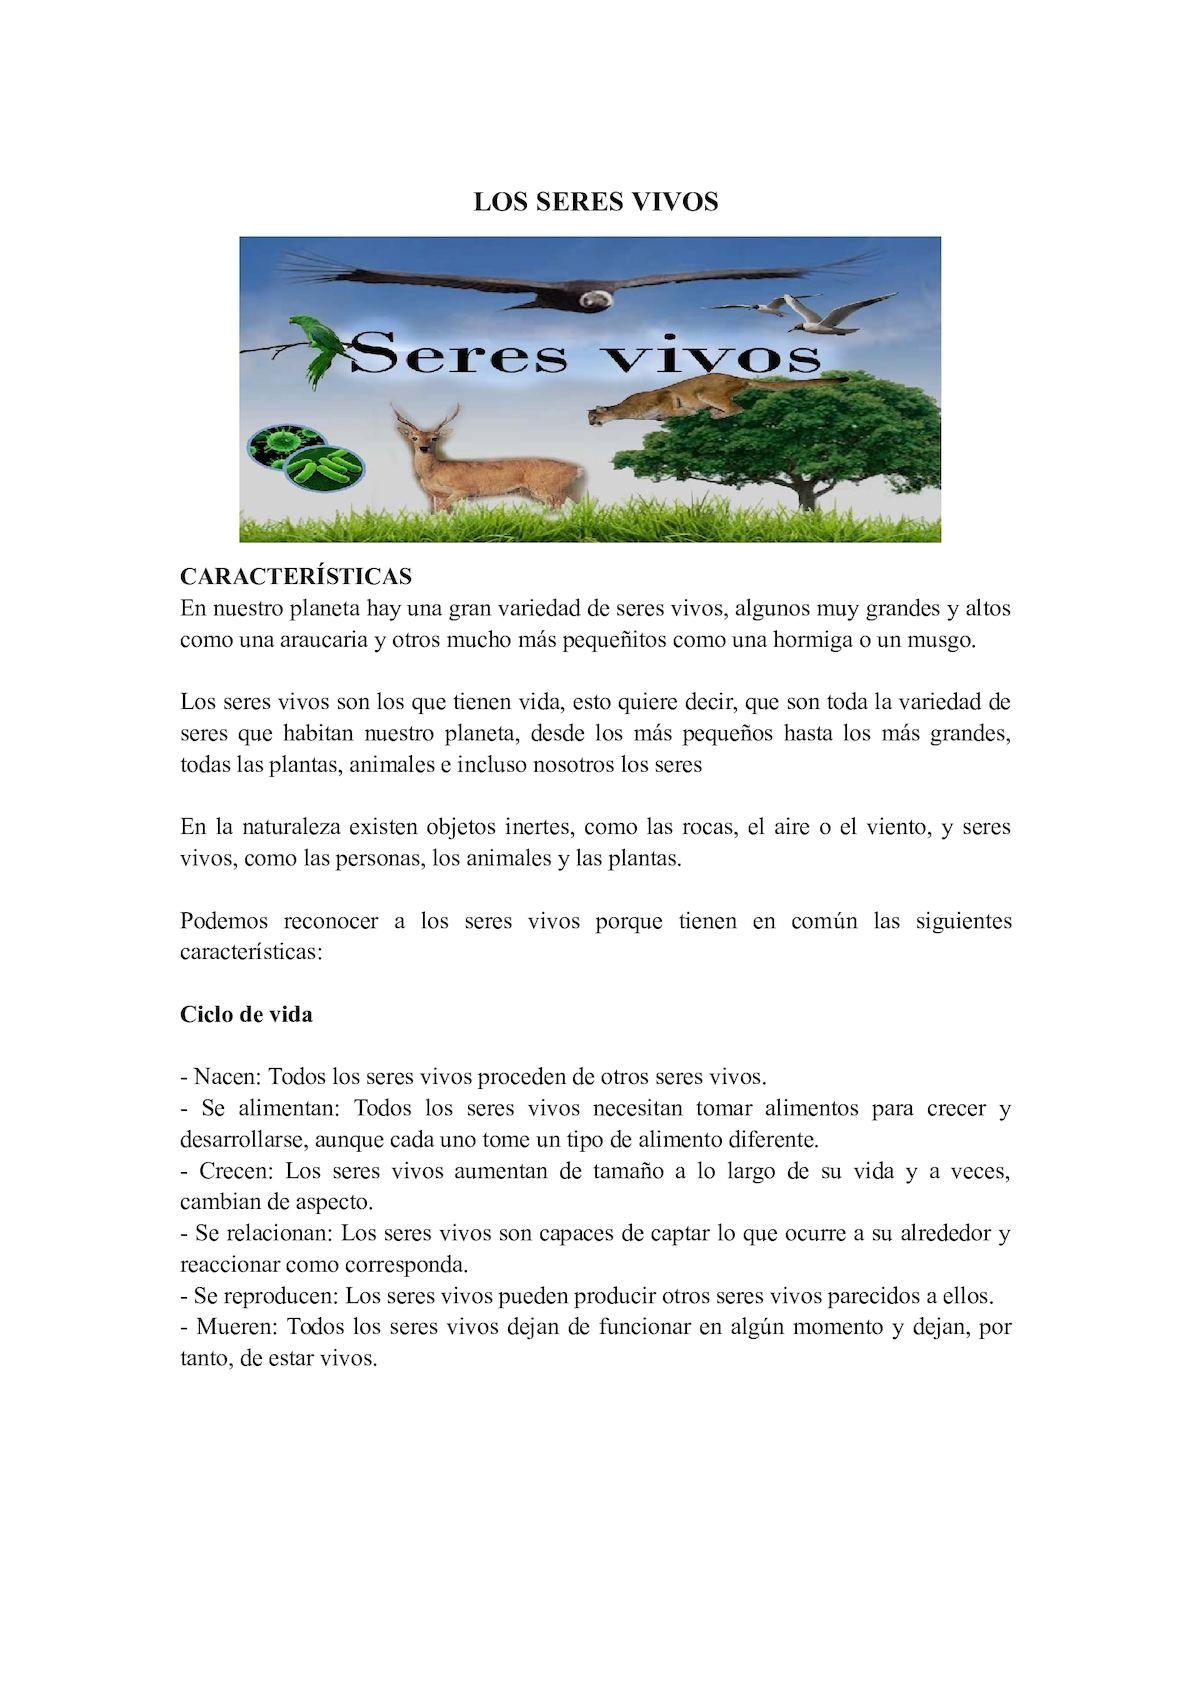 guía de trabajo sobre los seres vivos ie cisneros antioquia